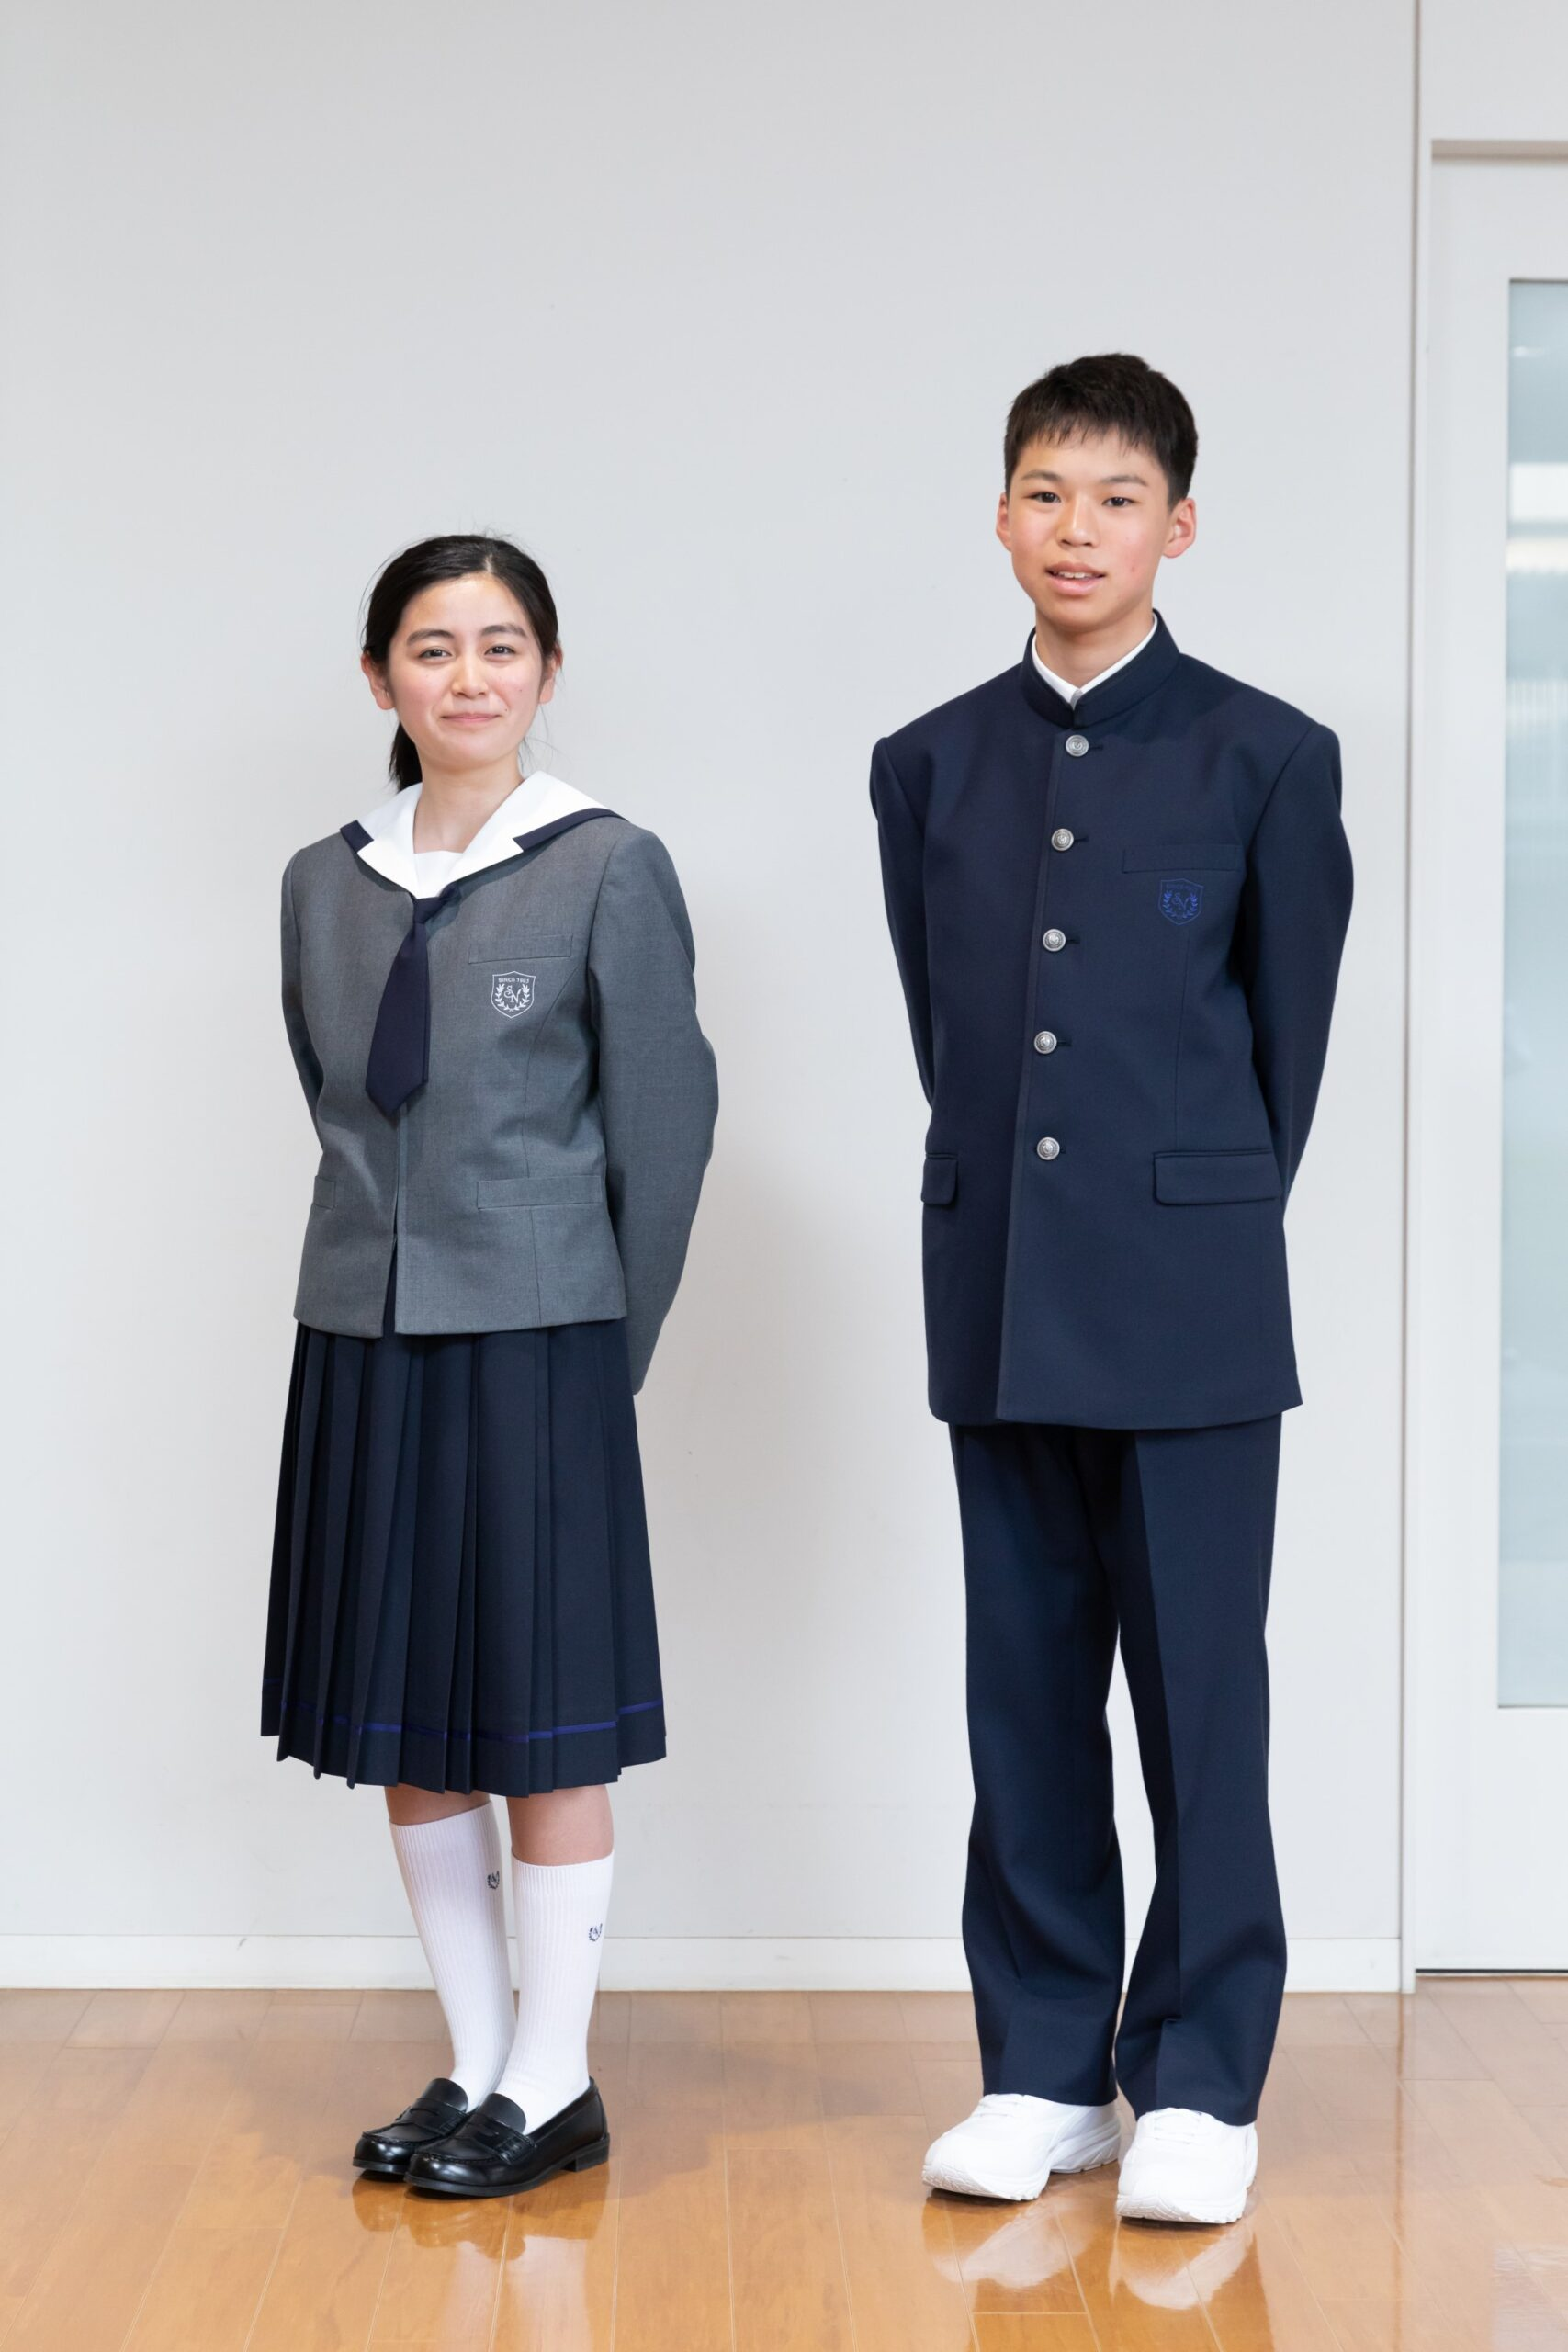 清風南海中学校制服